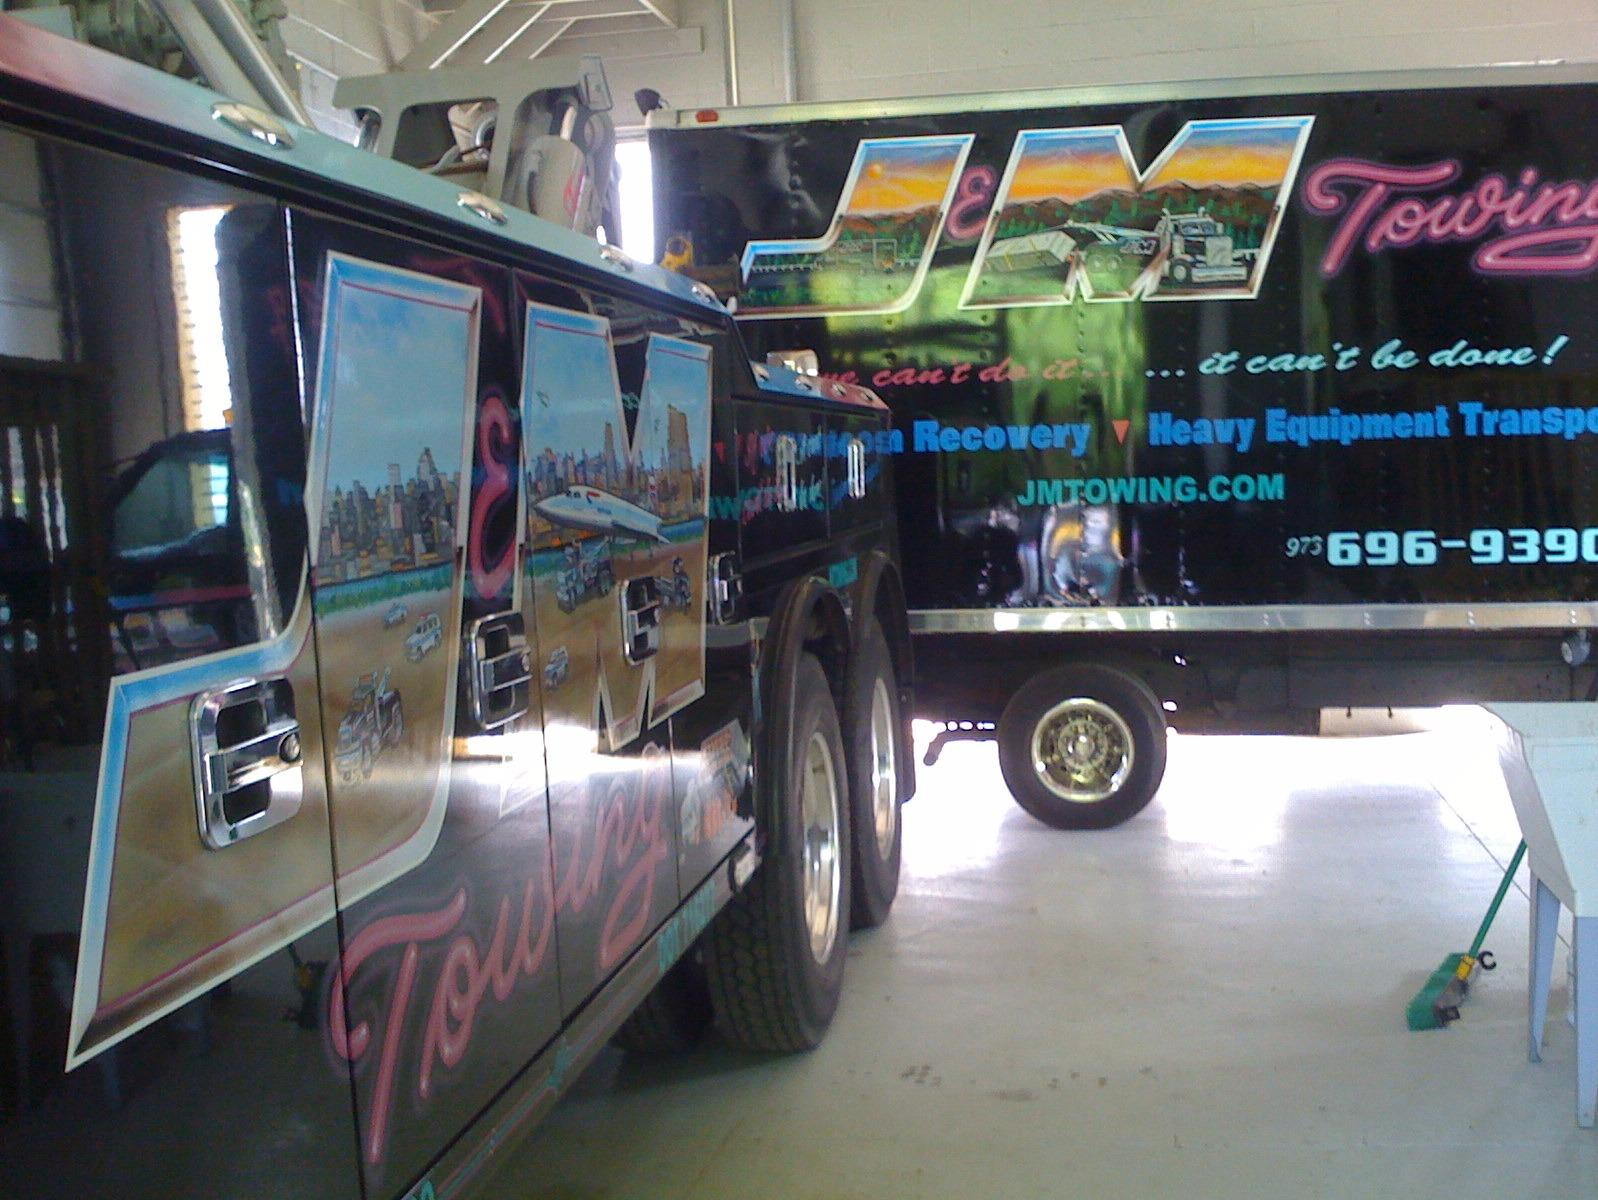 J m towing in wayne nj 07470 for Motor vehicle in wayne nj hours